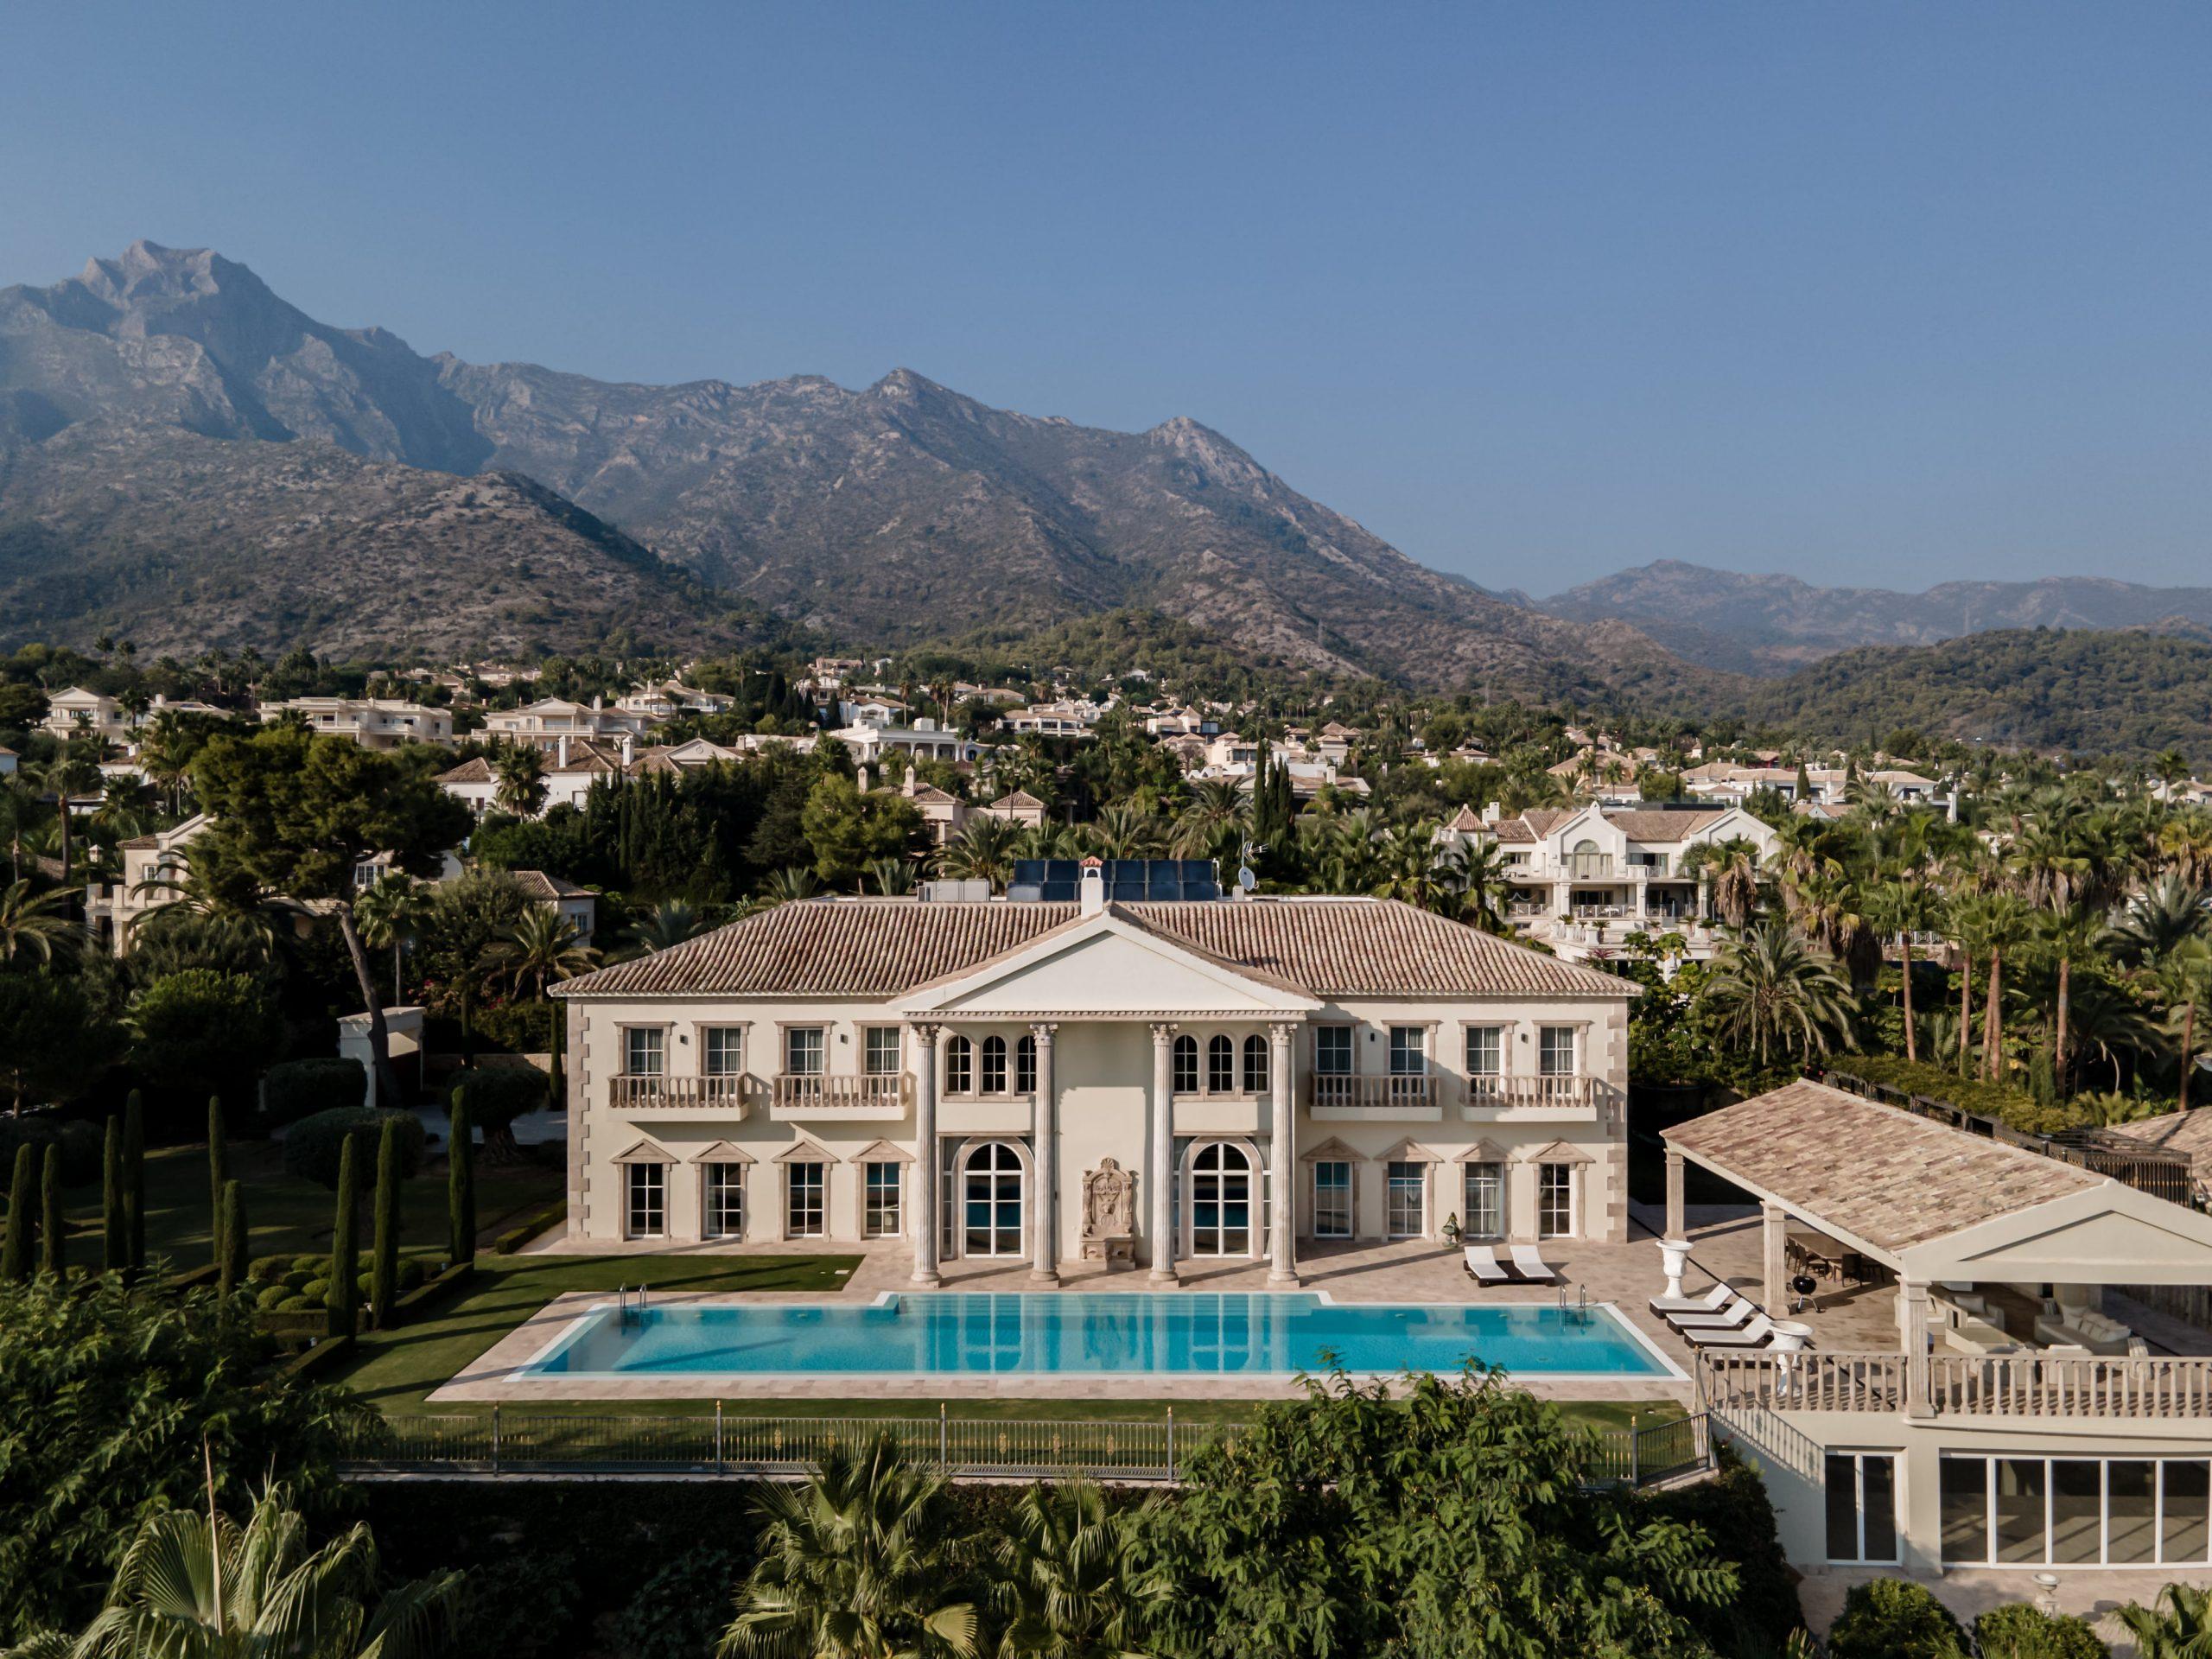 Sierra Blanca Mega Mansion Façade